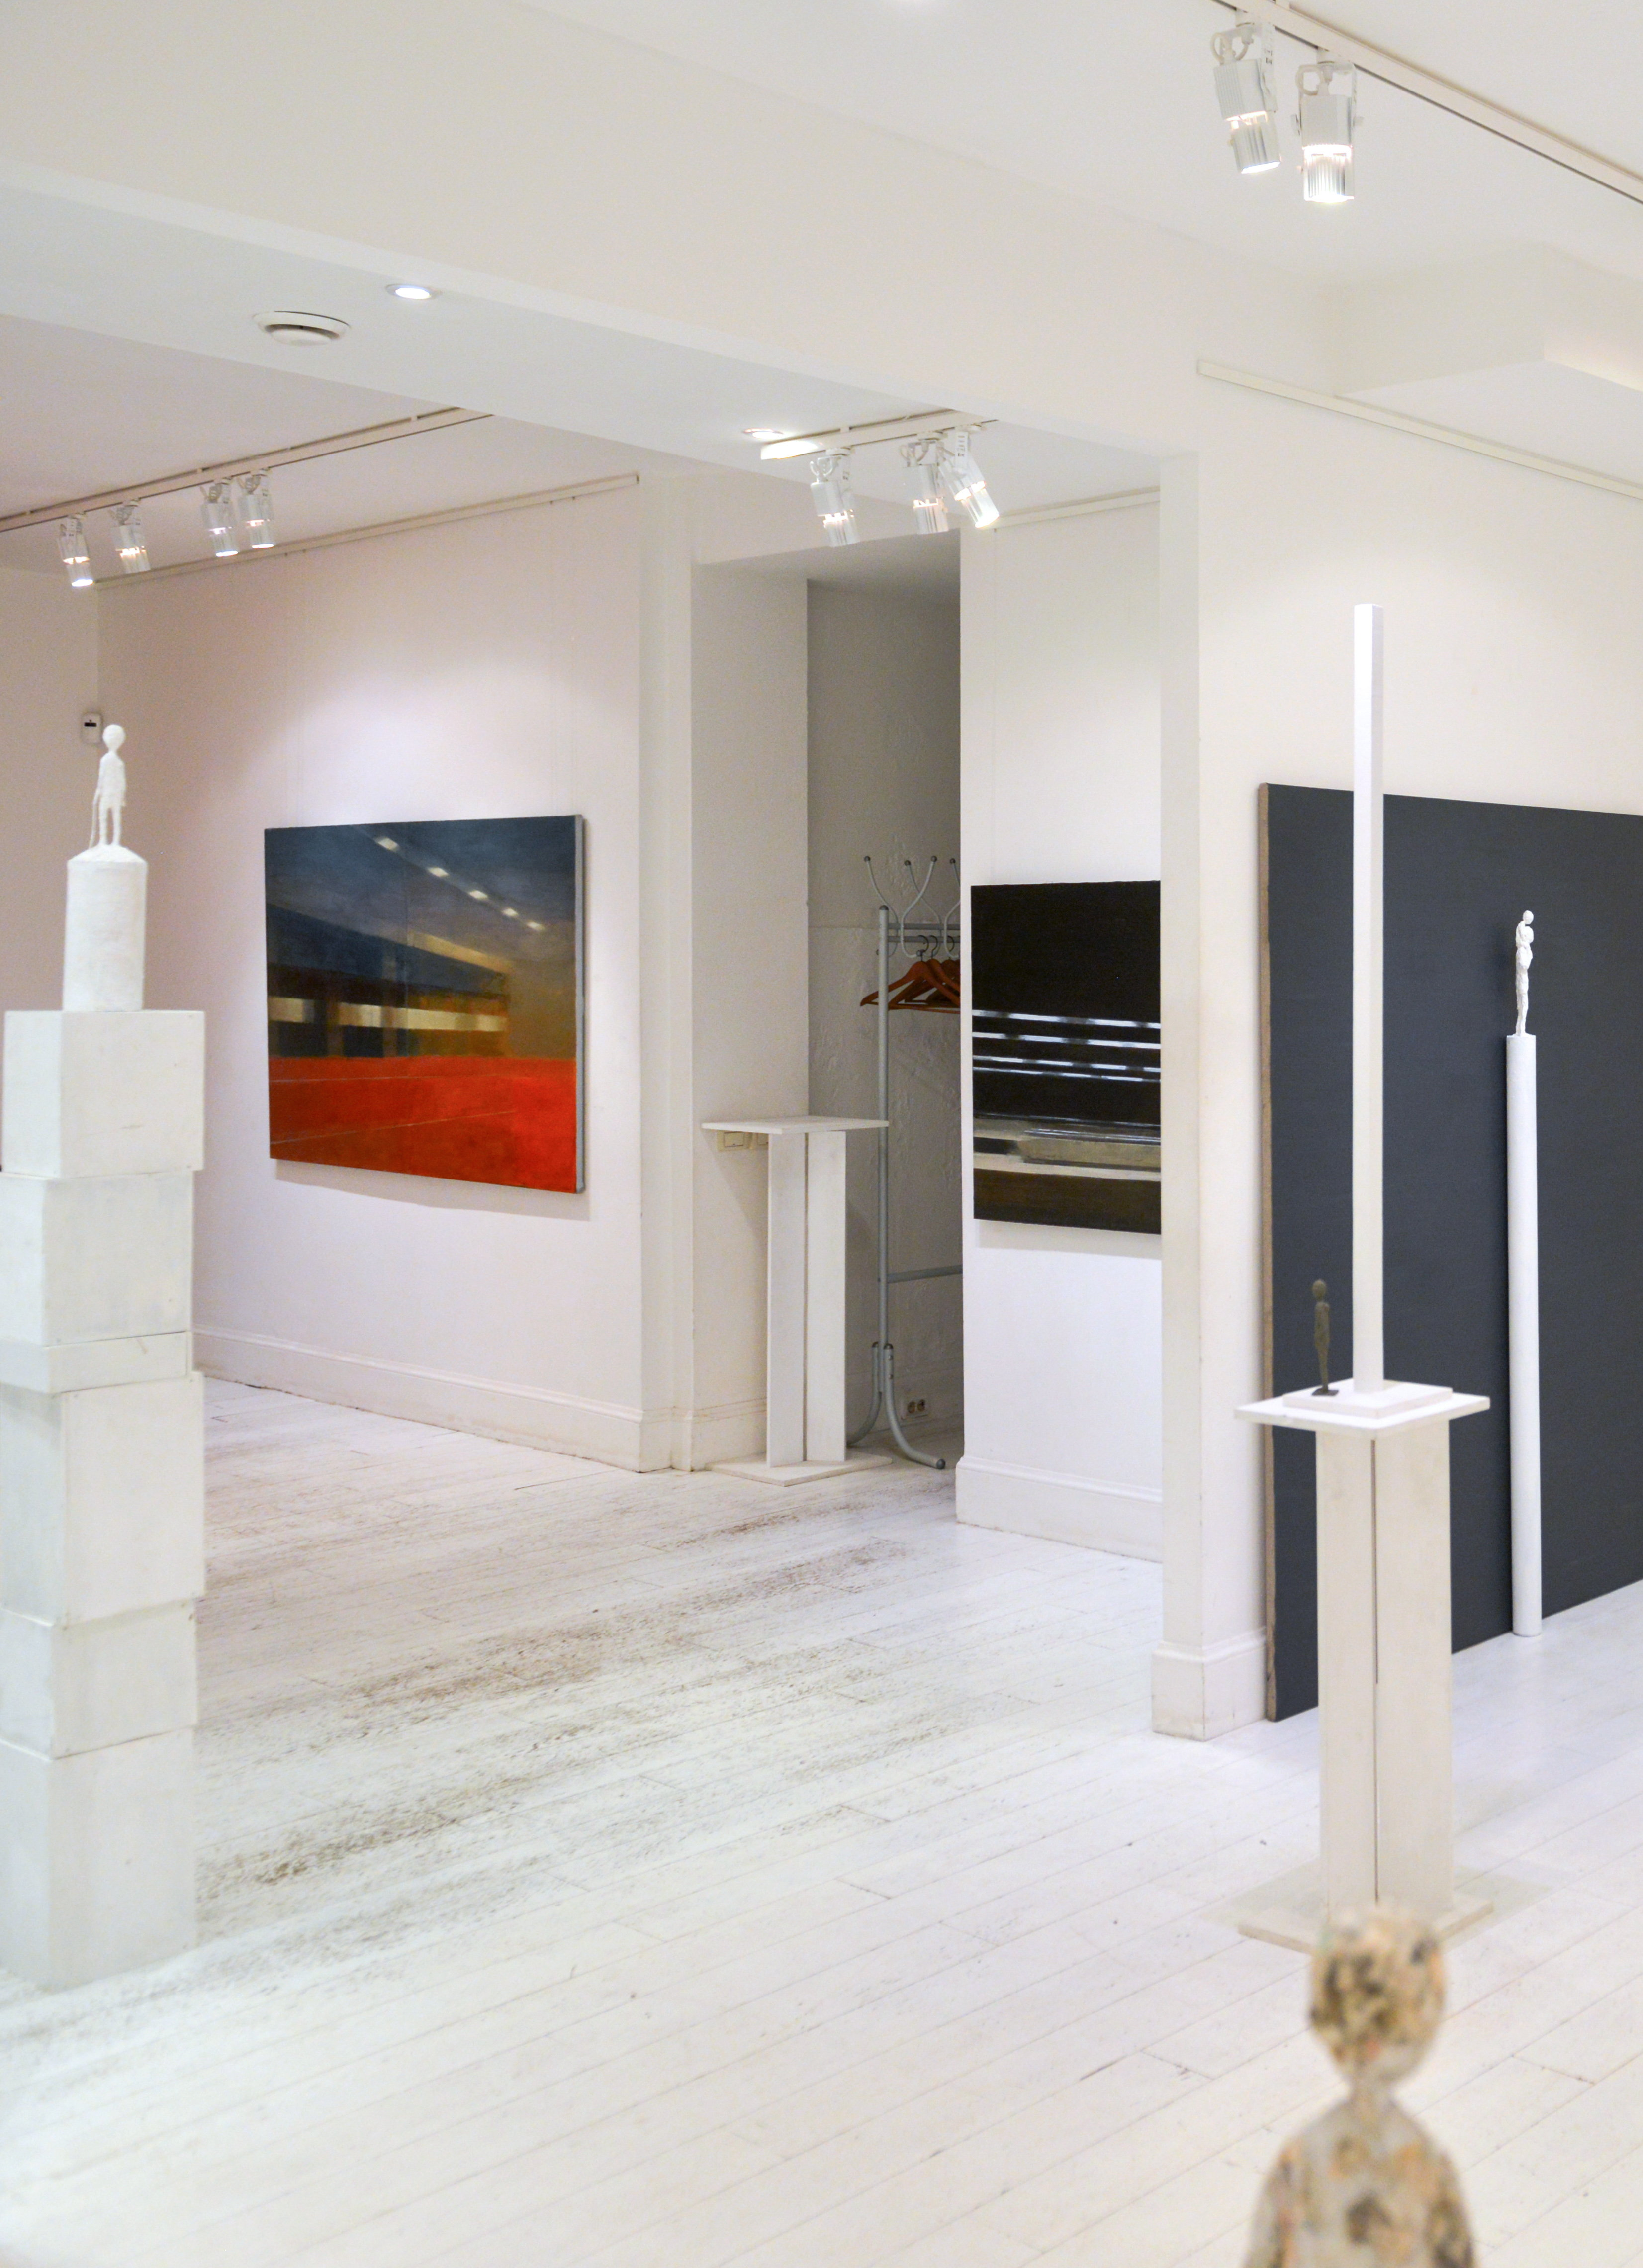 открытый клуб галерея москва